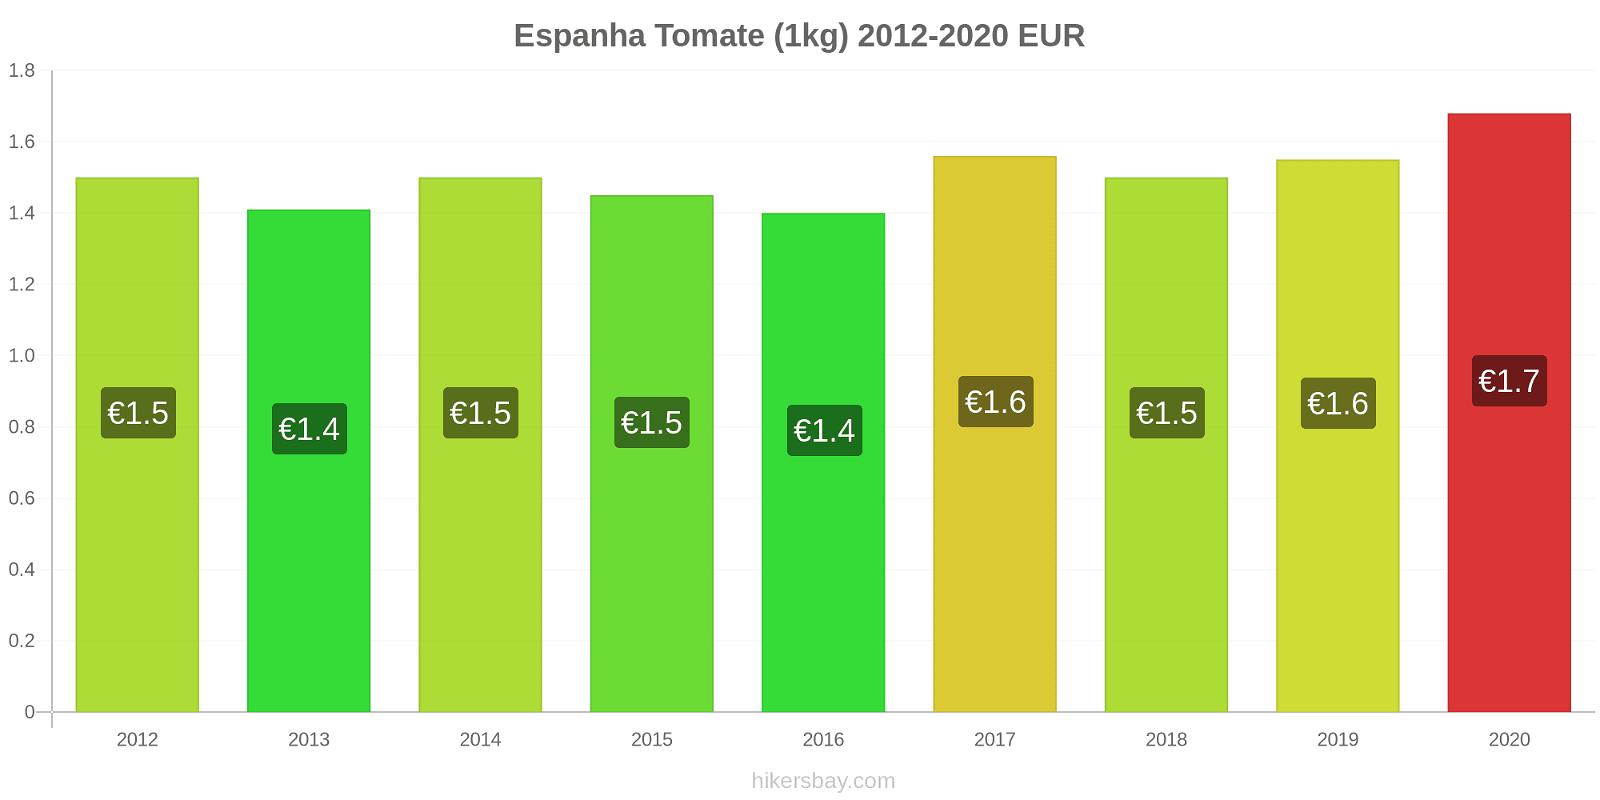 Espanha variação de preço Tomate (1kg) hikersbay.com